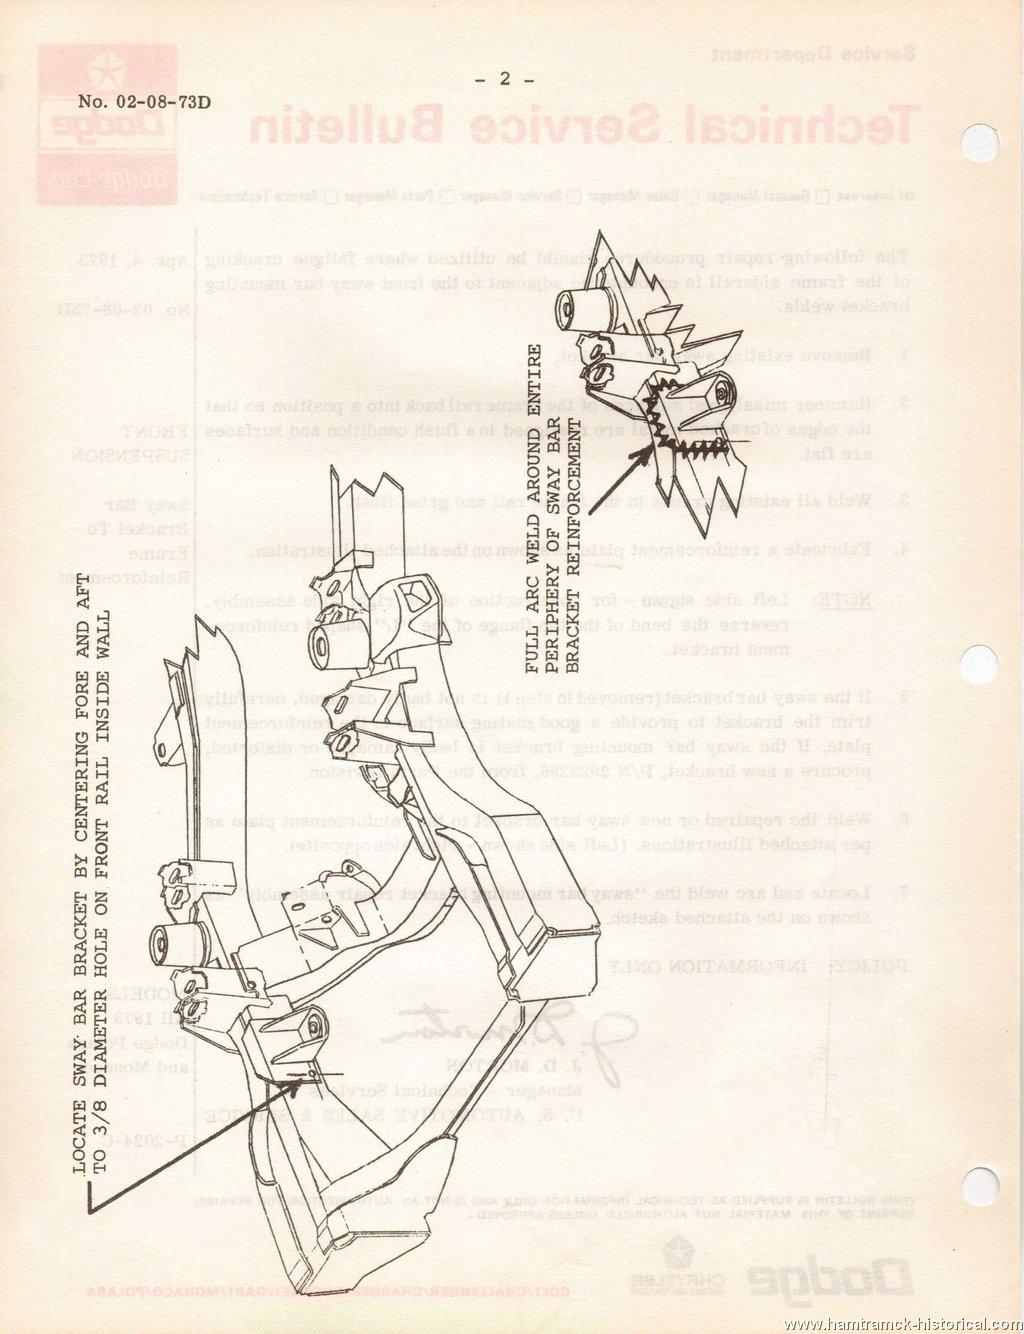 The 1970 Hamtramck Registry 1973 Dodge Tsbs Page 3 8 Chrysler Engine Motor Mount Diagram 02 09